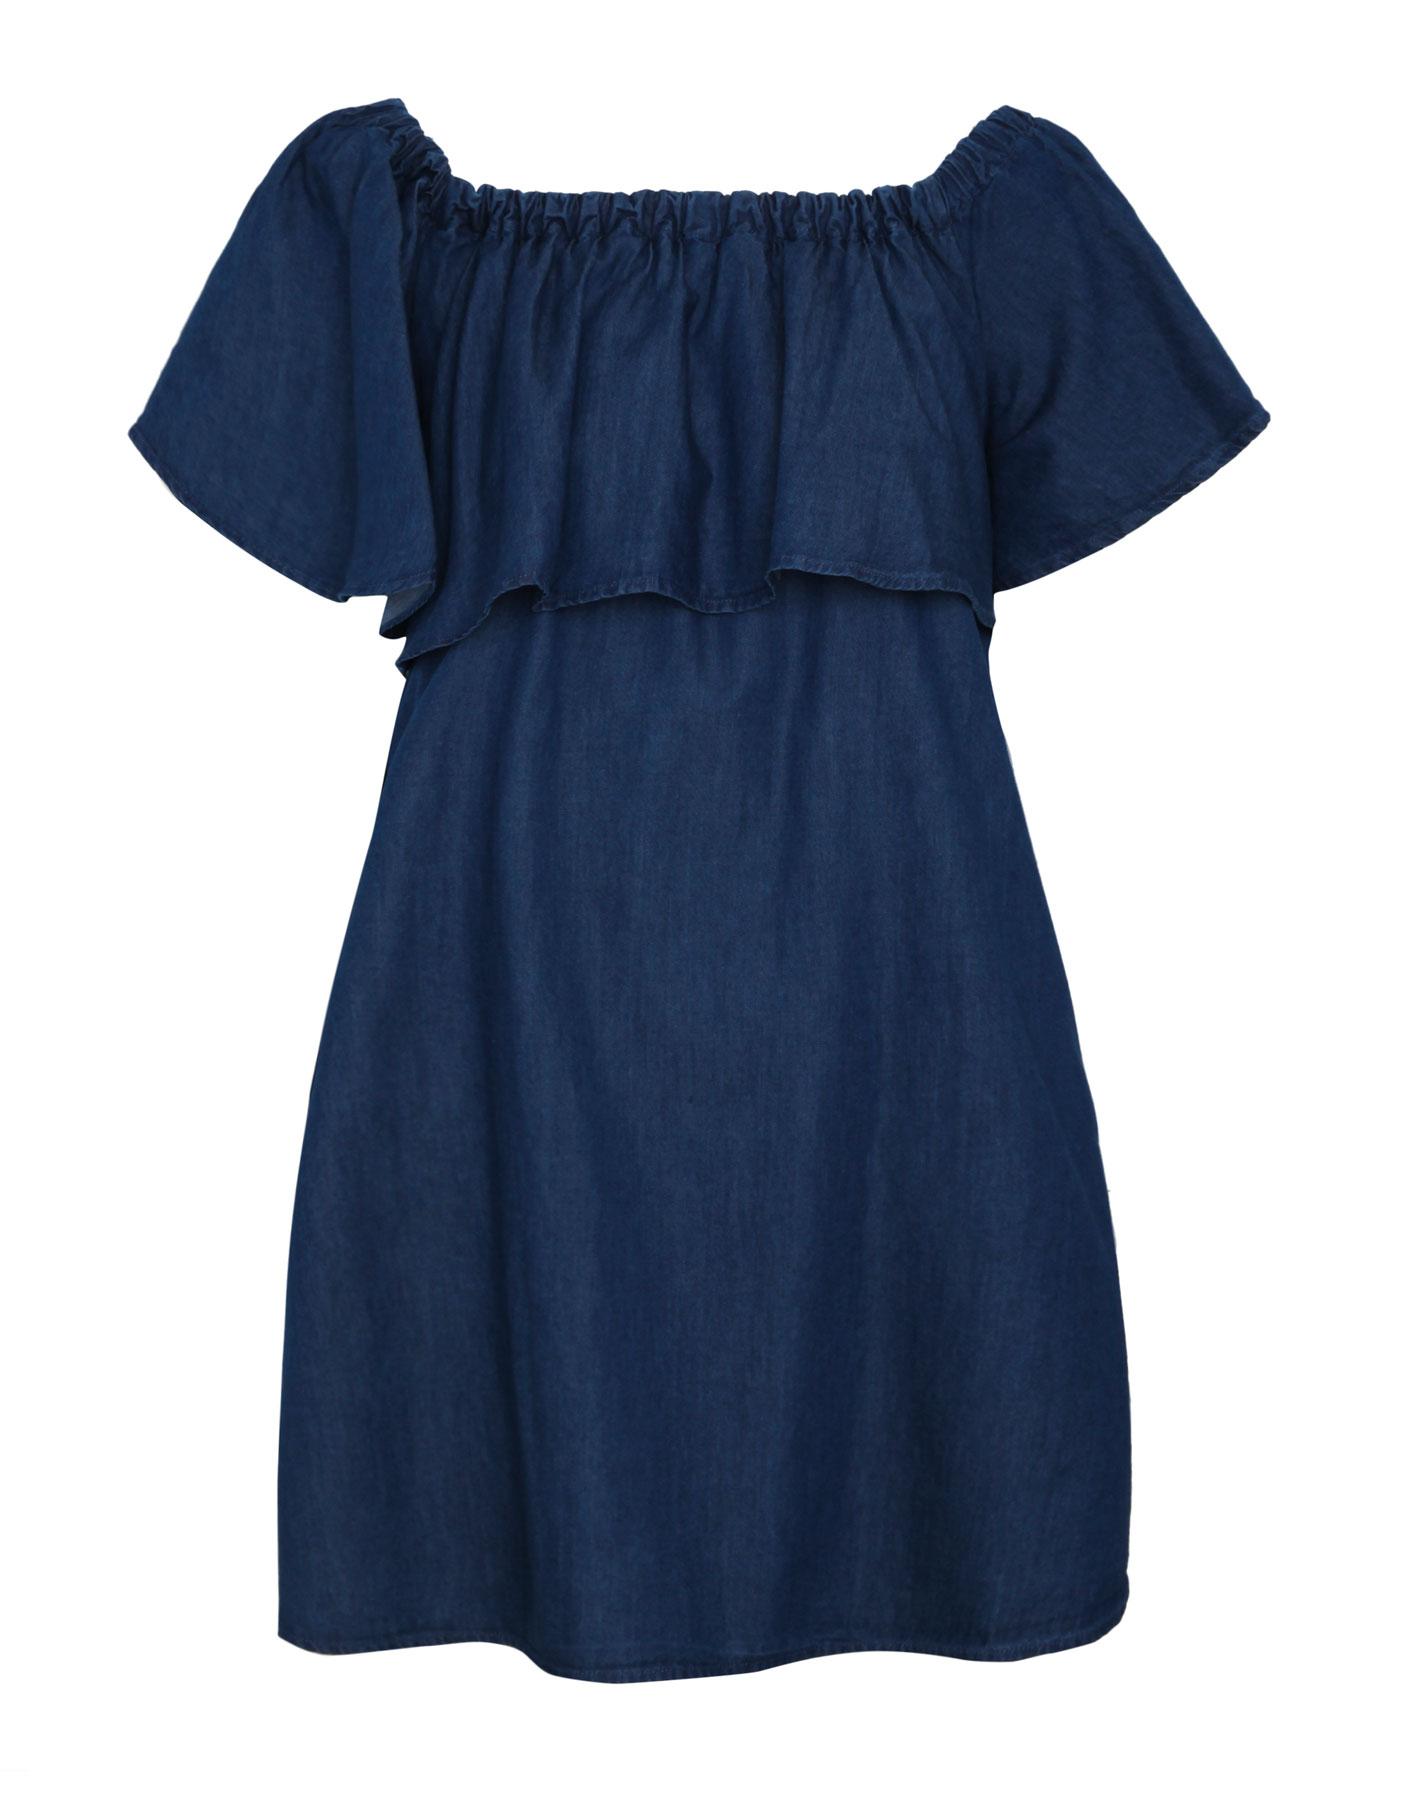 Denimowa sukienka z falbaną Pull & Bear NIEBIESKI